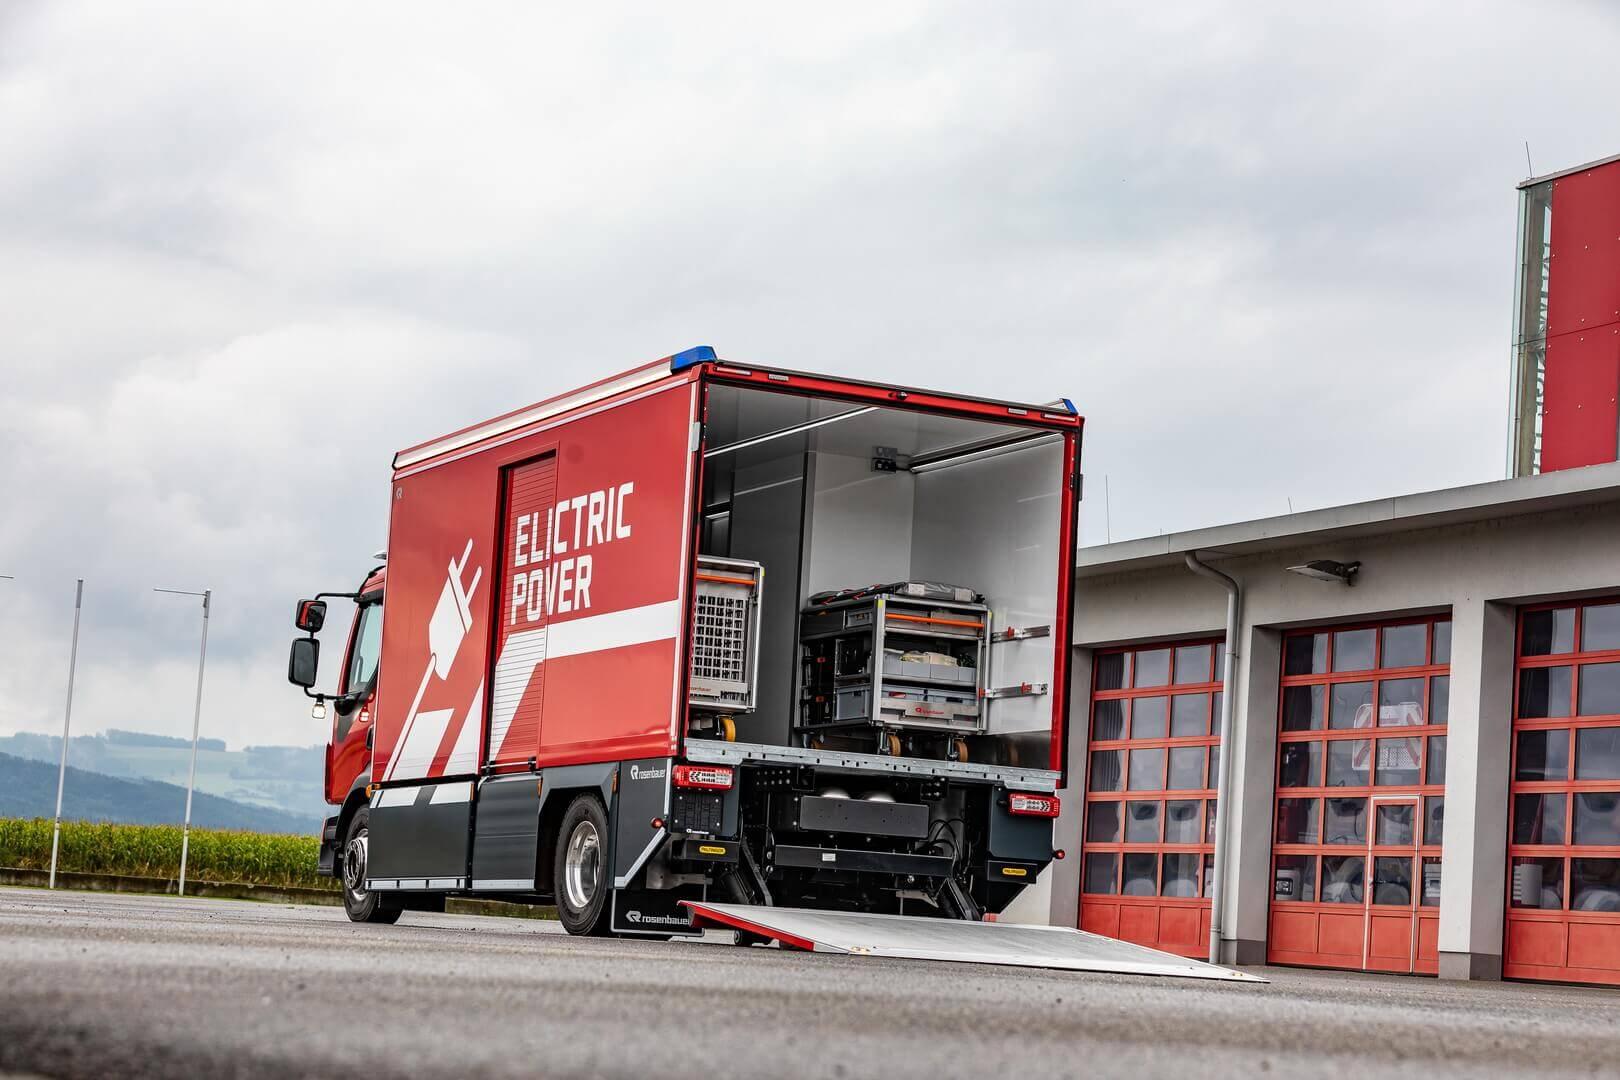 Новый электрический грузовик позволяет гибко использовать его не только для тушения пожаров